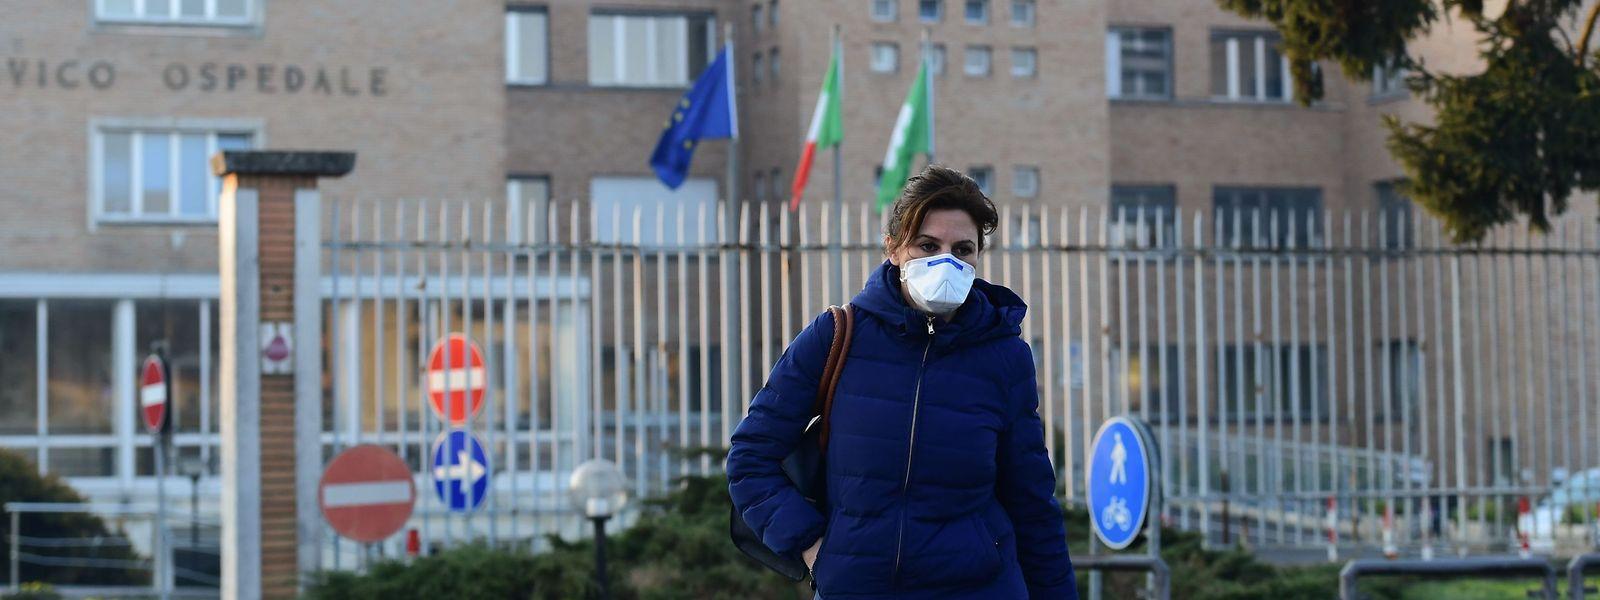 Eine Krankenschwester mit Grippeschutzmaske geht aus dem Krankenhaus der Stadt Codogno in der Lombardei. Etwa 50.000 Menschen in der Region wird empfohlen, wegen des Virus möglichst nicht außer Haus zu gehen.